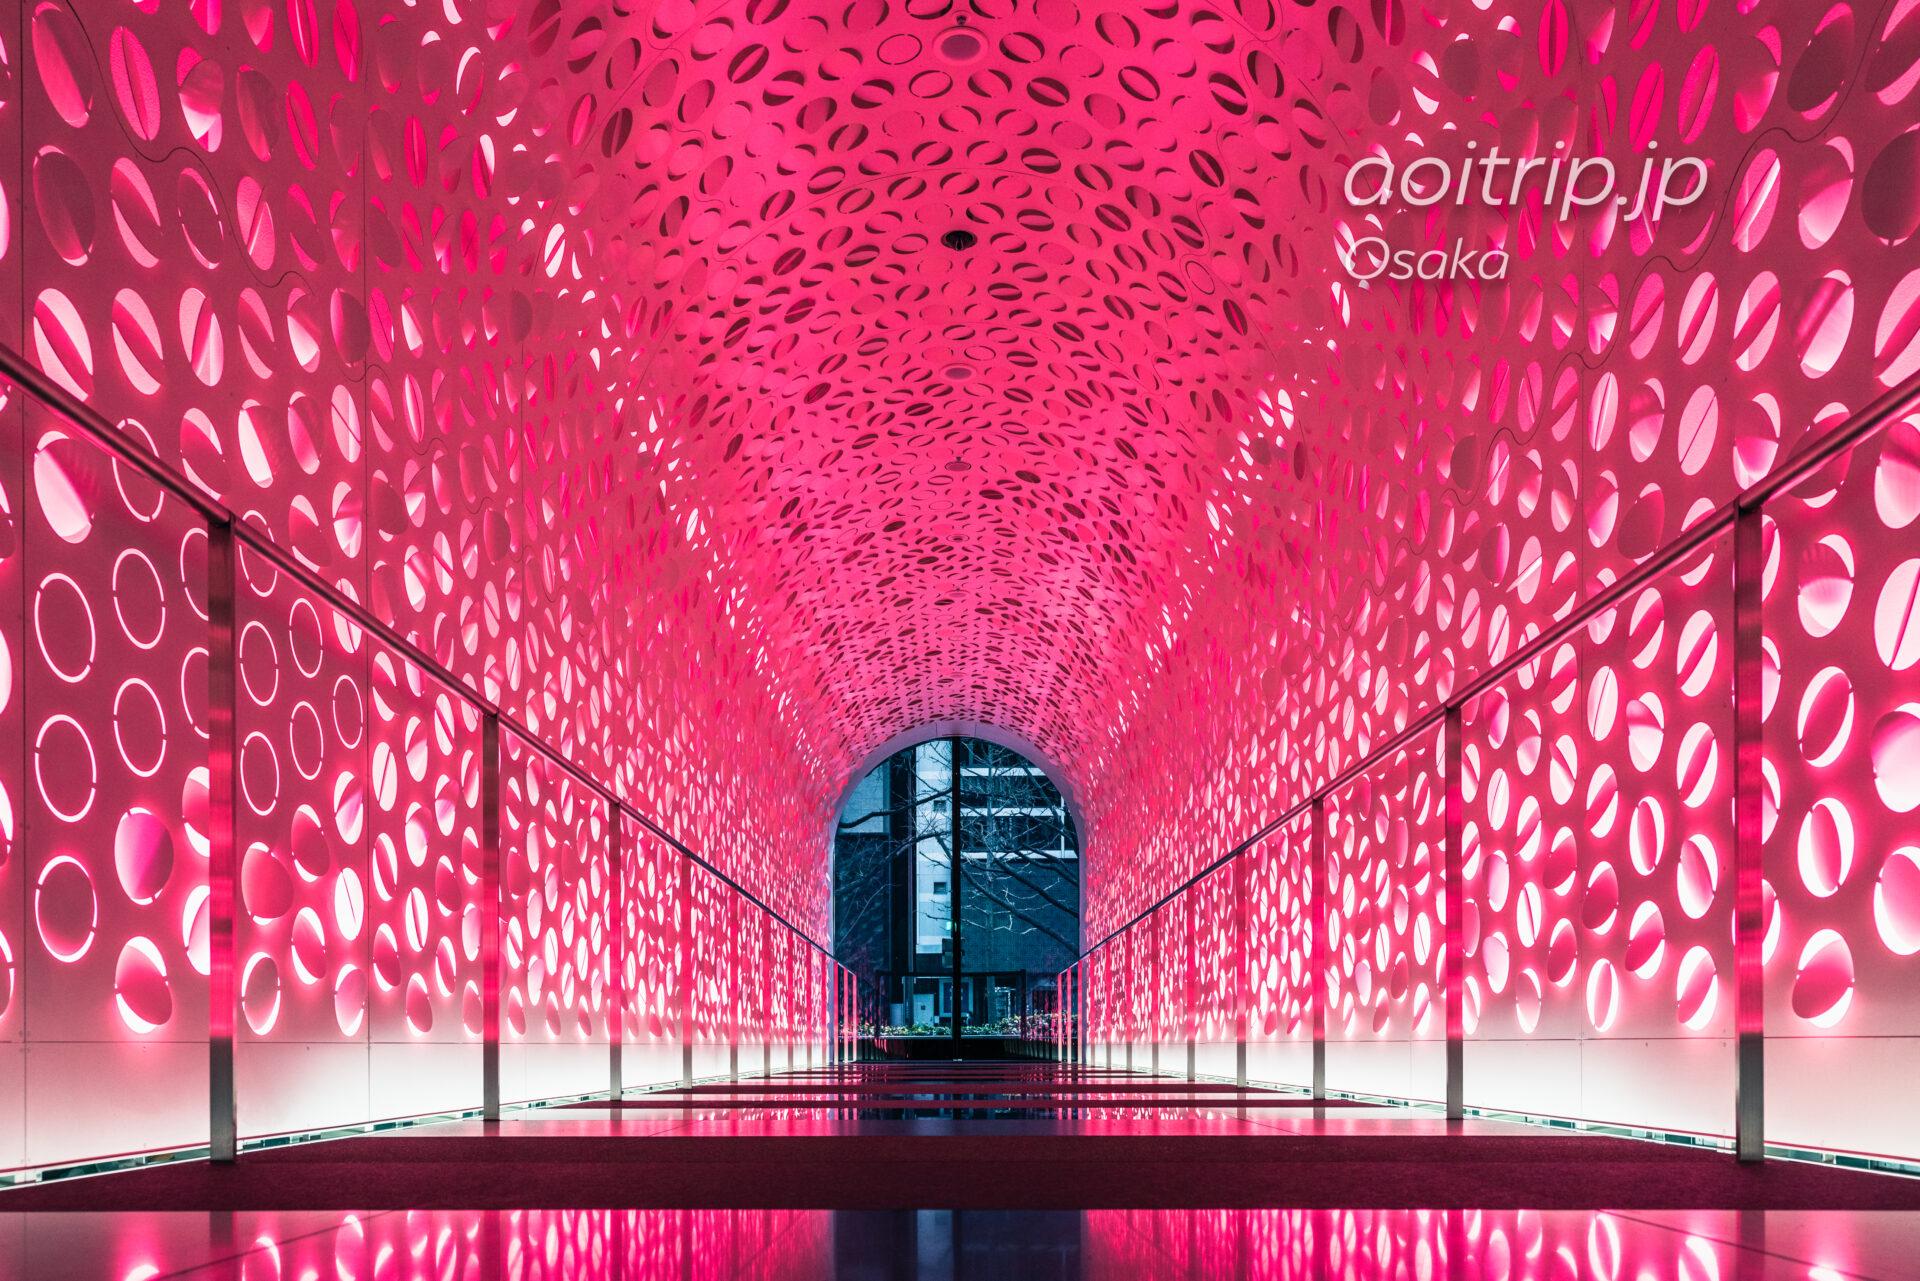 W大阪 1Fピンクネオンの通路 春バージョン